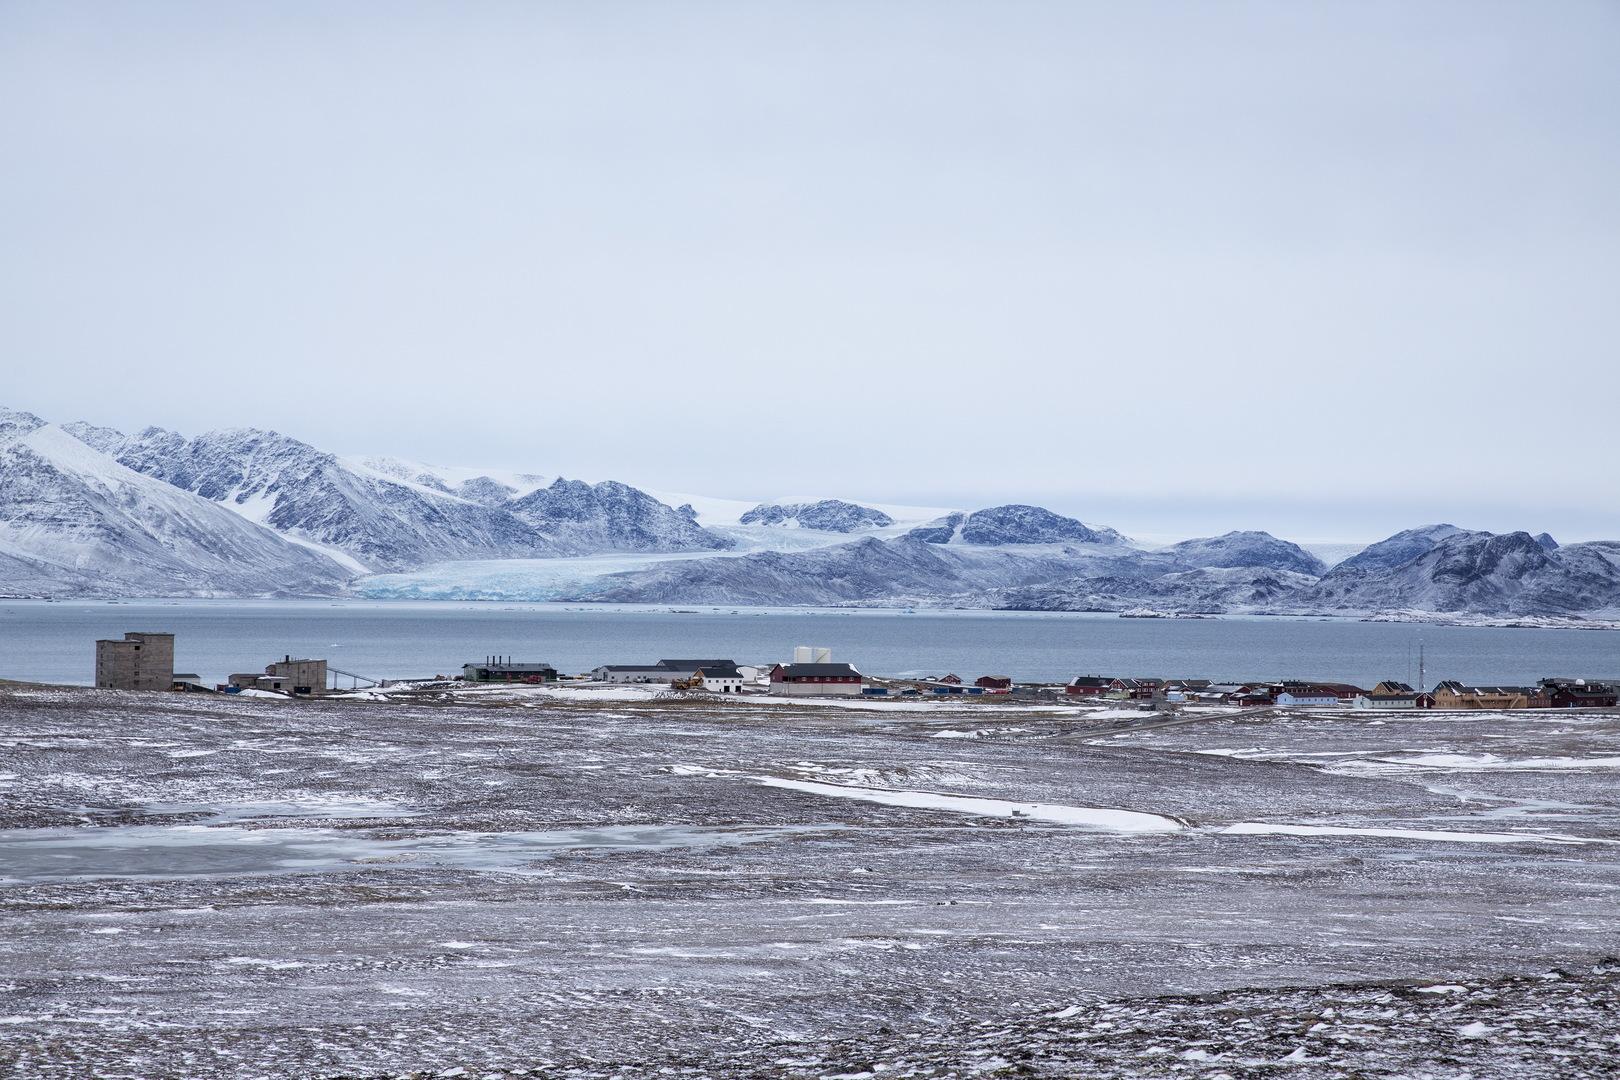 الولايات المتحدة تنتقل إلى الهجوم في المعركة على المنطقة القطبية